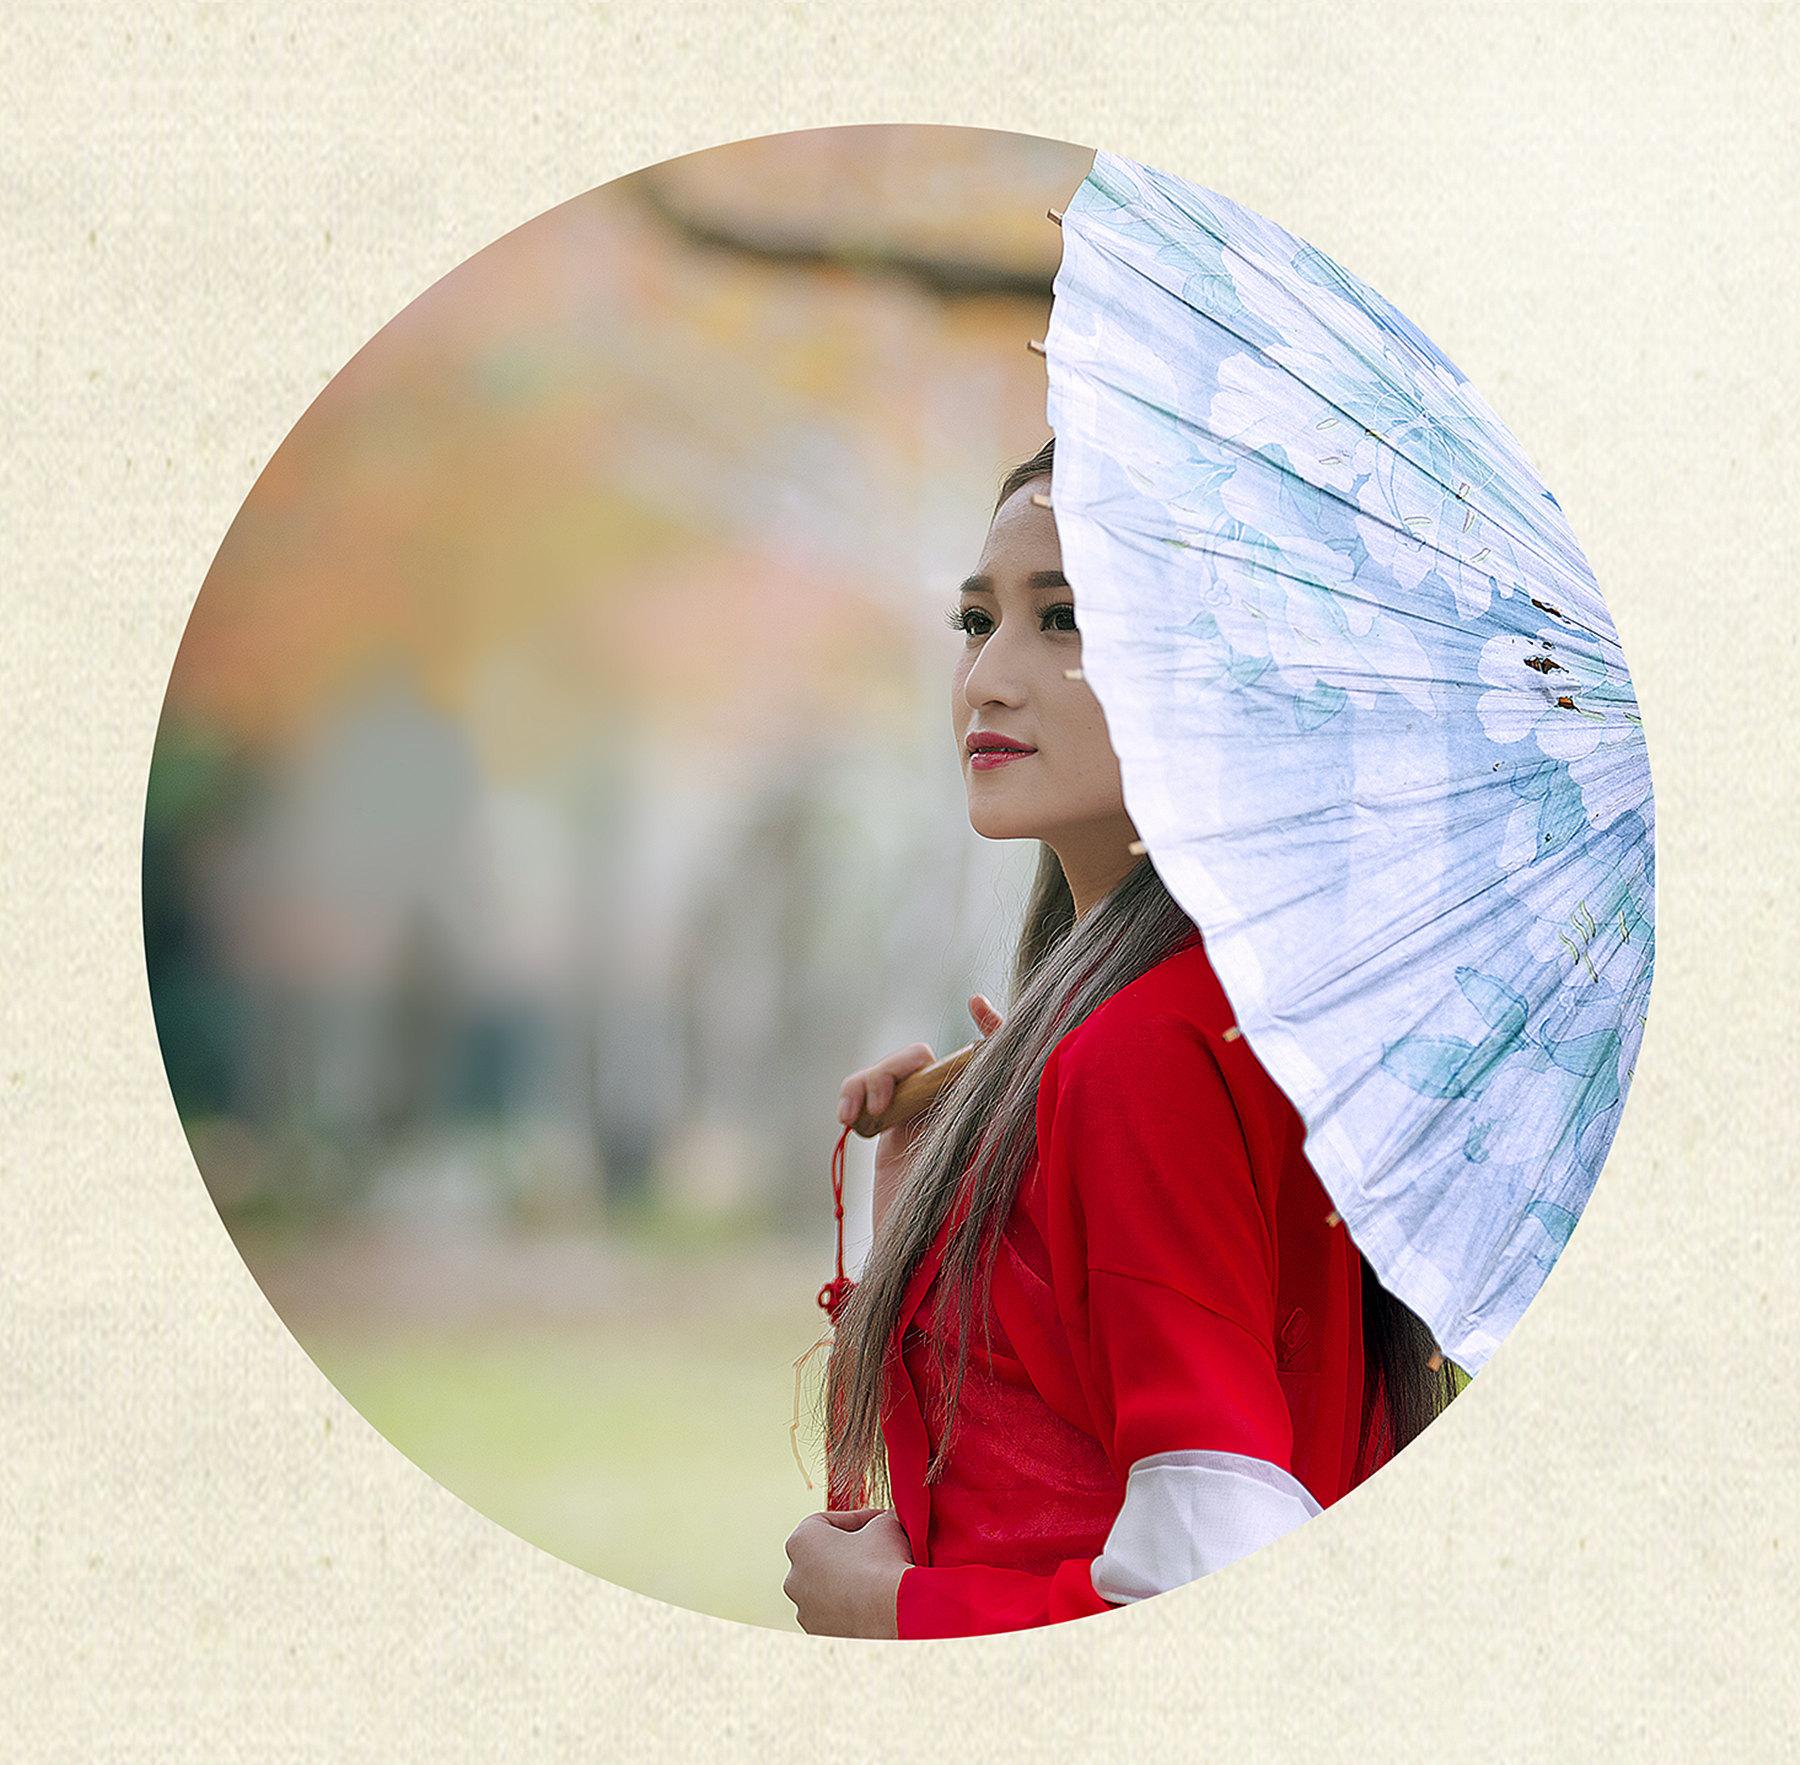 【人物摄影】 且听枫吟  - 花仙子 - 花仙子的博客.